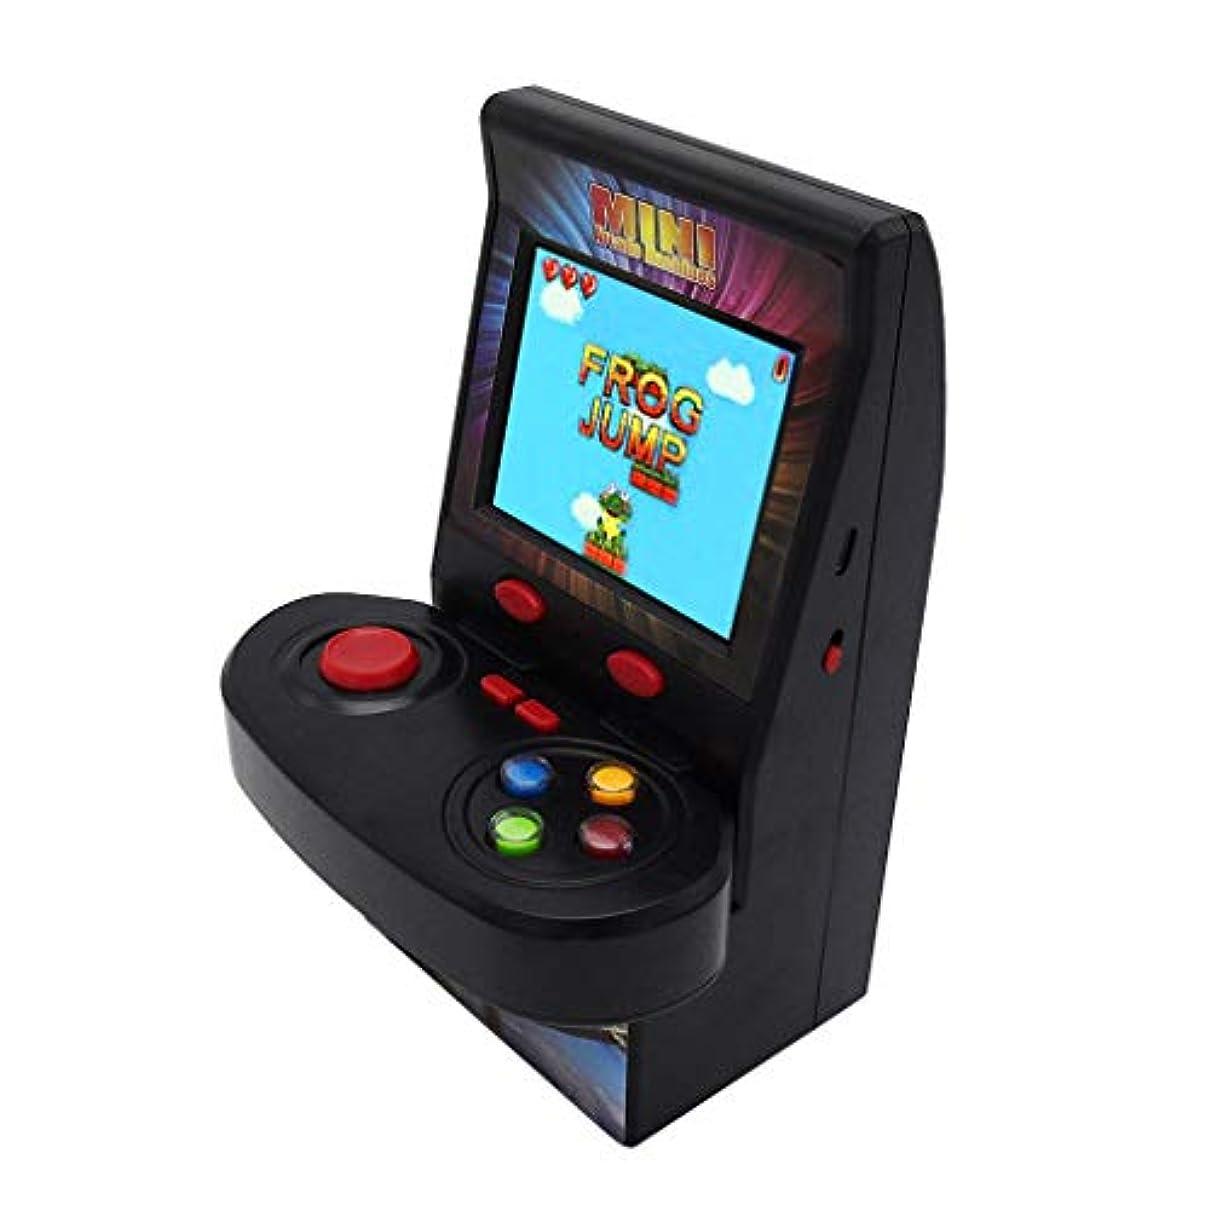 アラブ人吐き出す怠感携帯ゲーム機 ゲームプレーヤー ワイヤレスジョイスティック アーケードゲーム コンソール シングルハンドル ゲームコンソール ノスタルジック100ゲームhuajuan